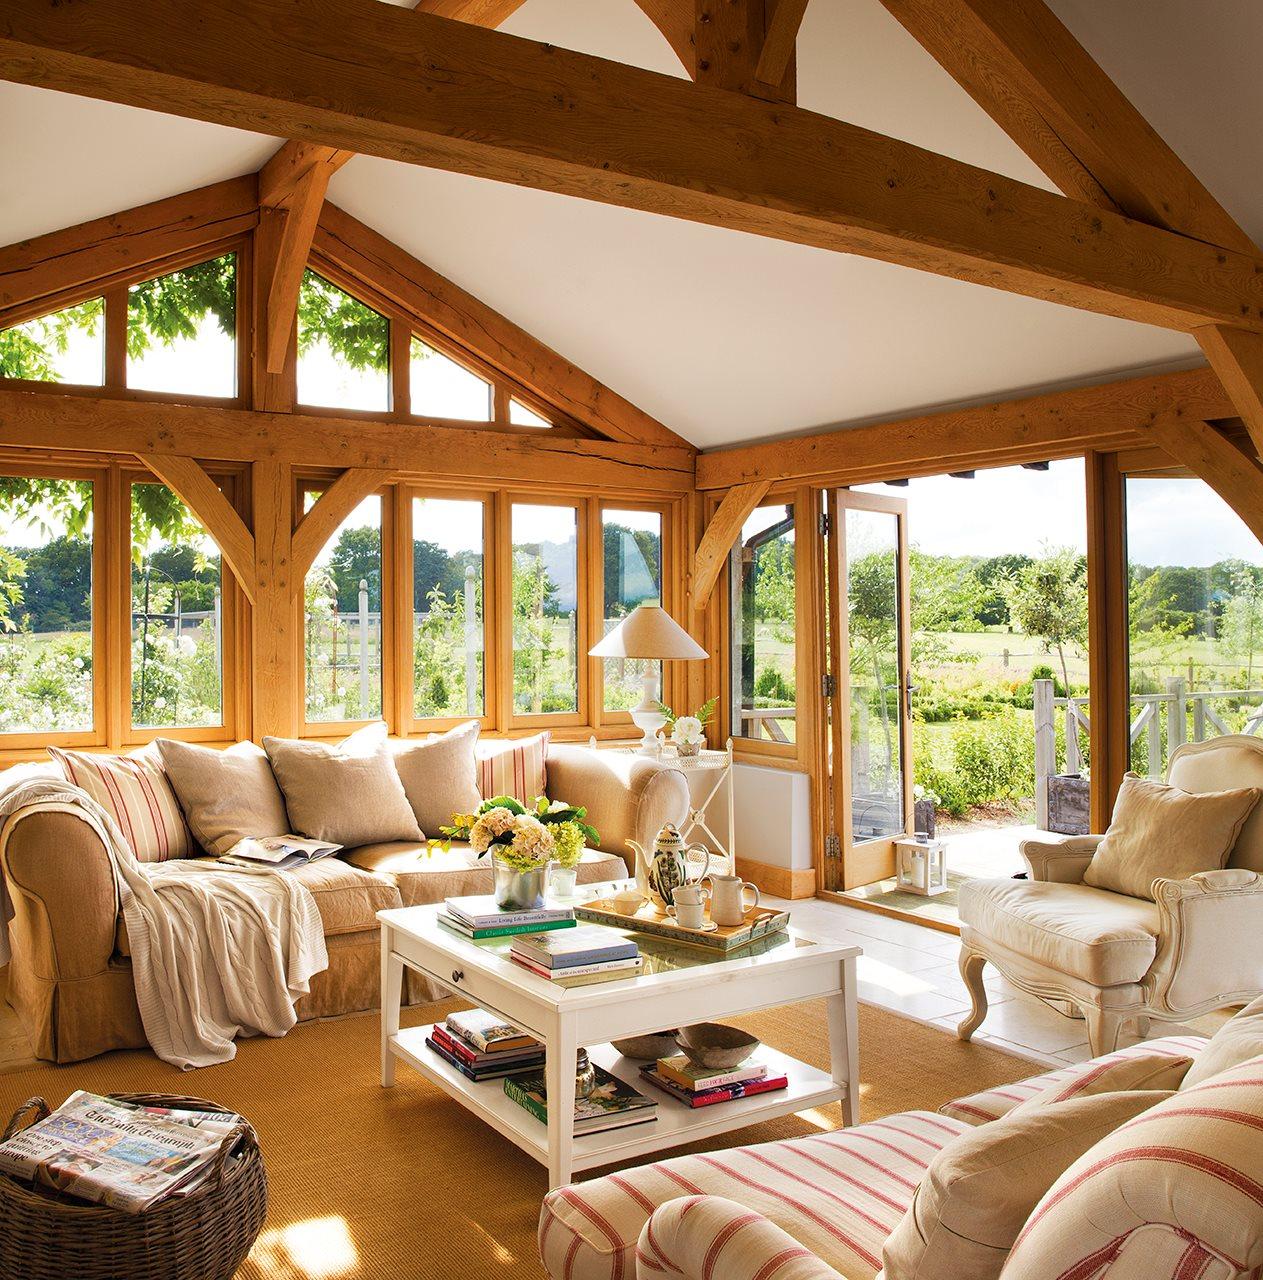 La casita de lady sophia - Casas de madera decoracion ...